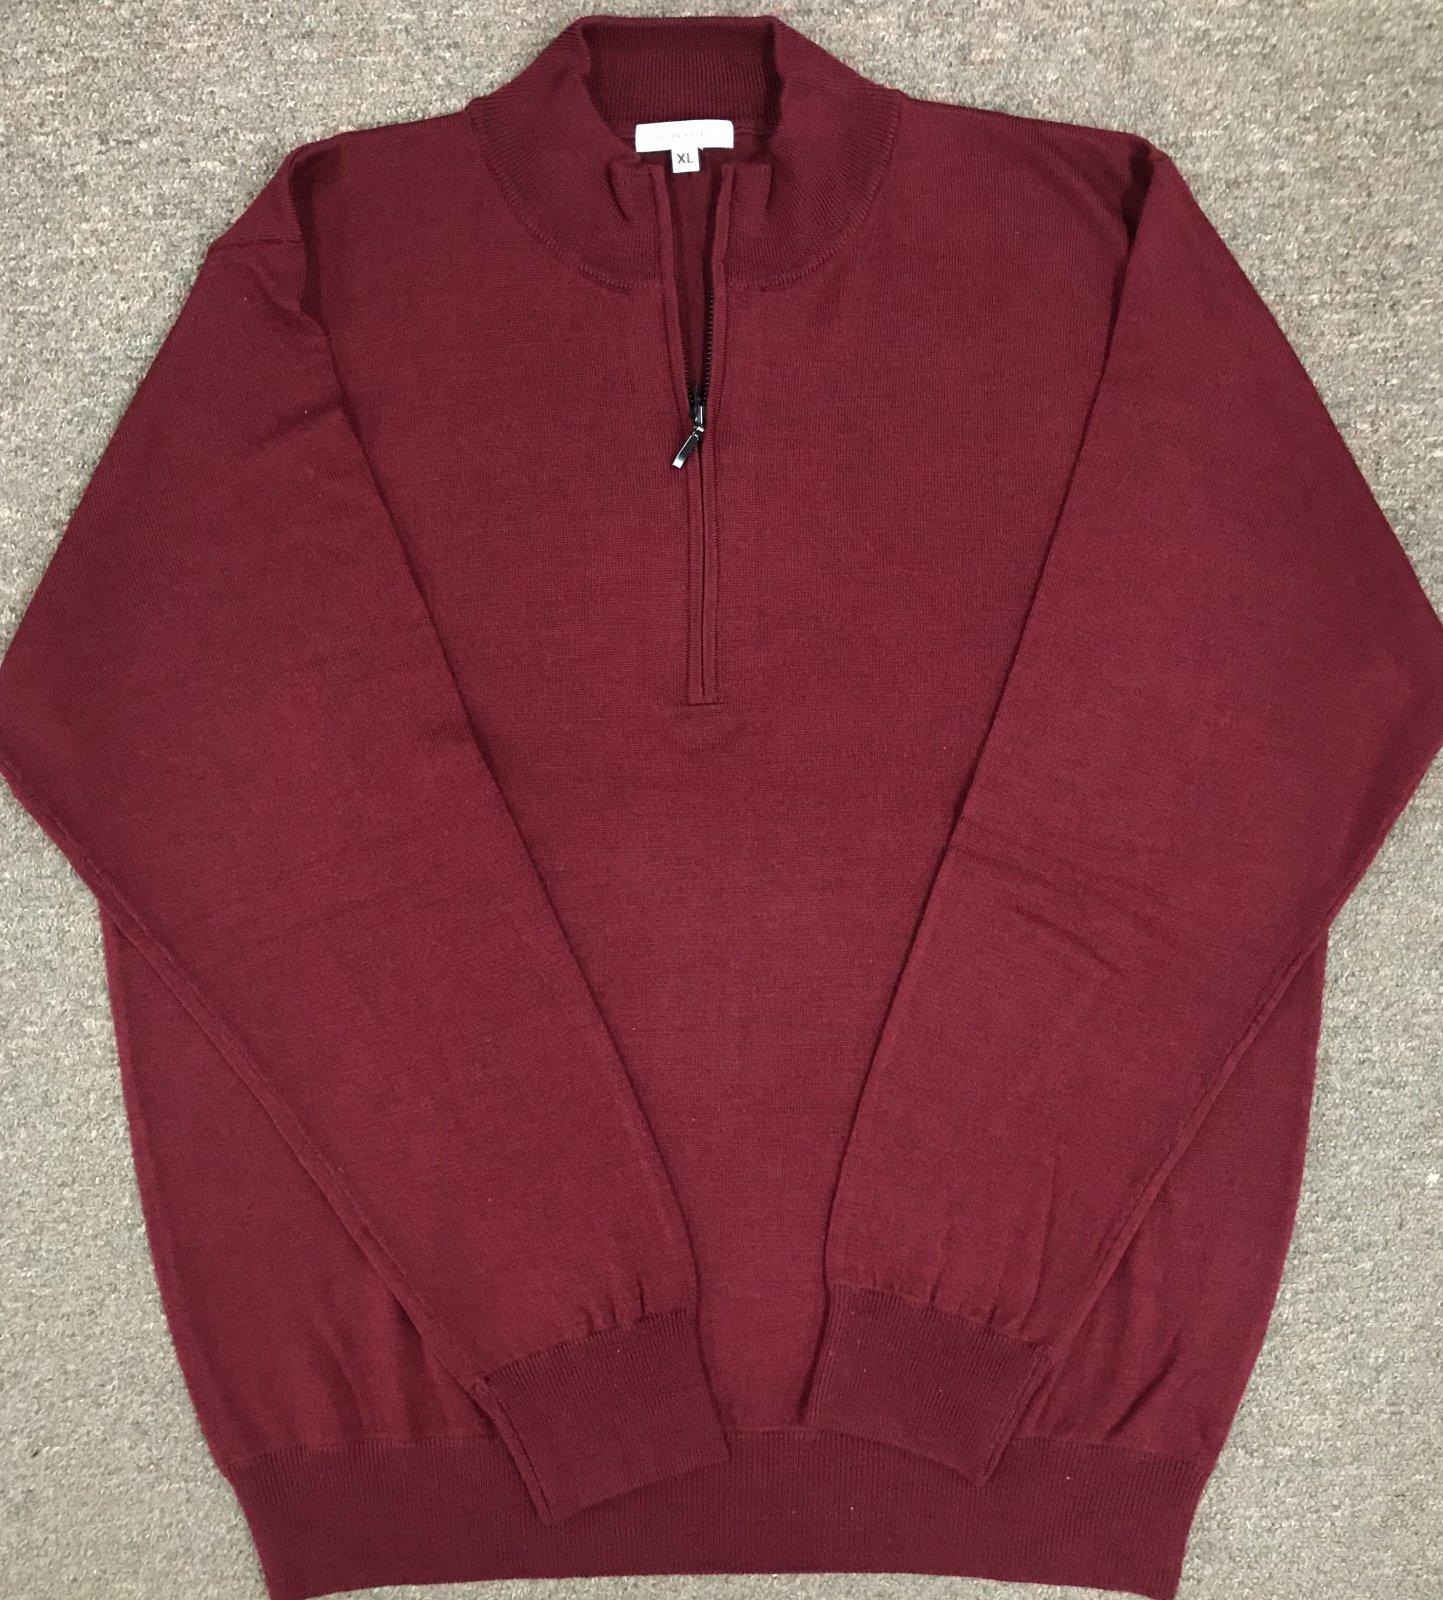 Oliver Ridley Merino 1/4 Zip Sweater